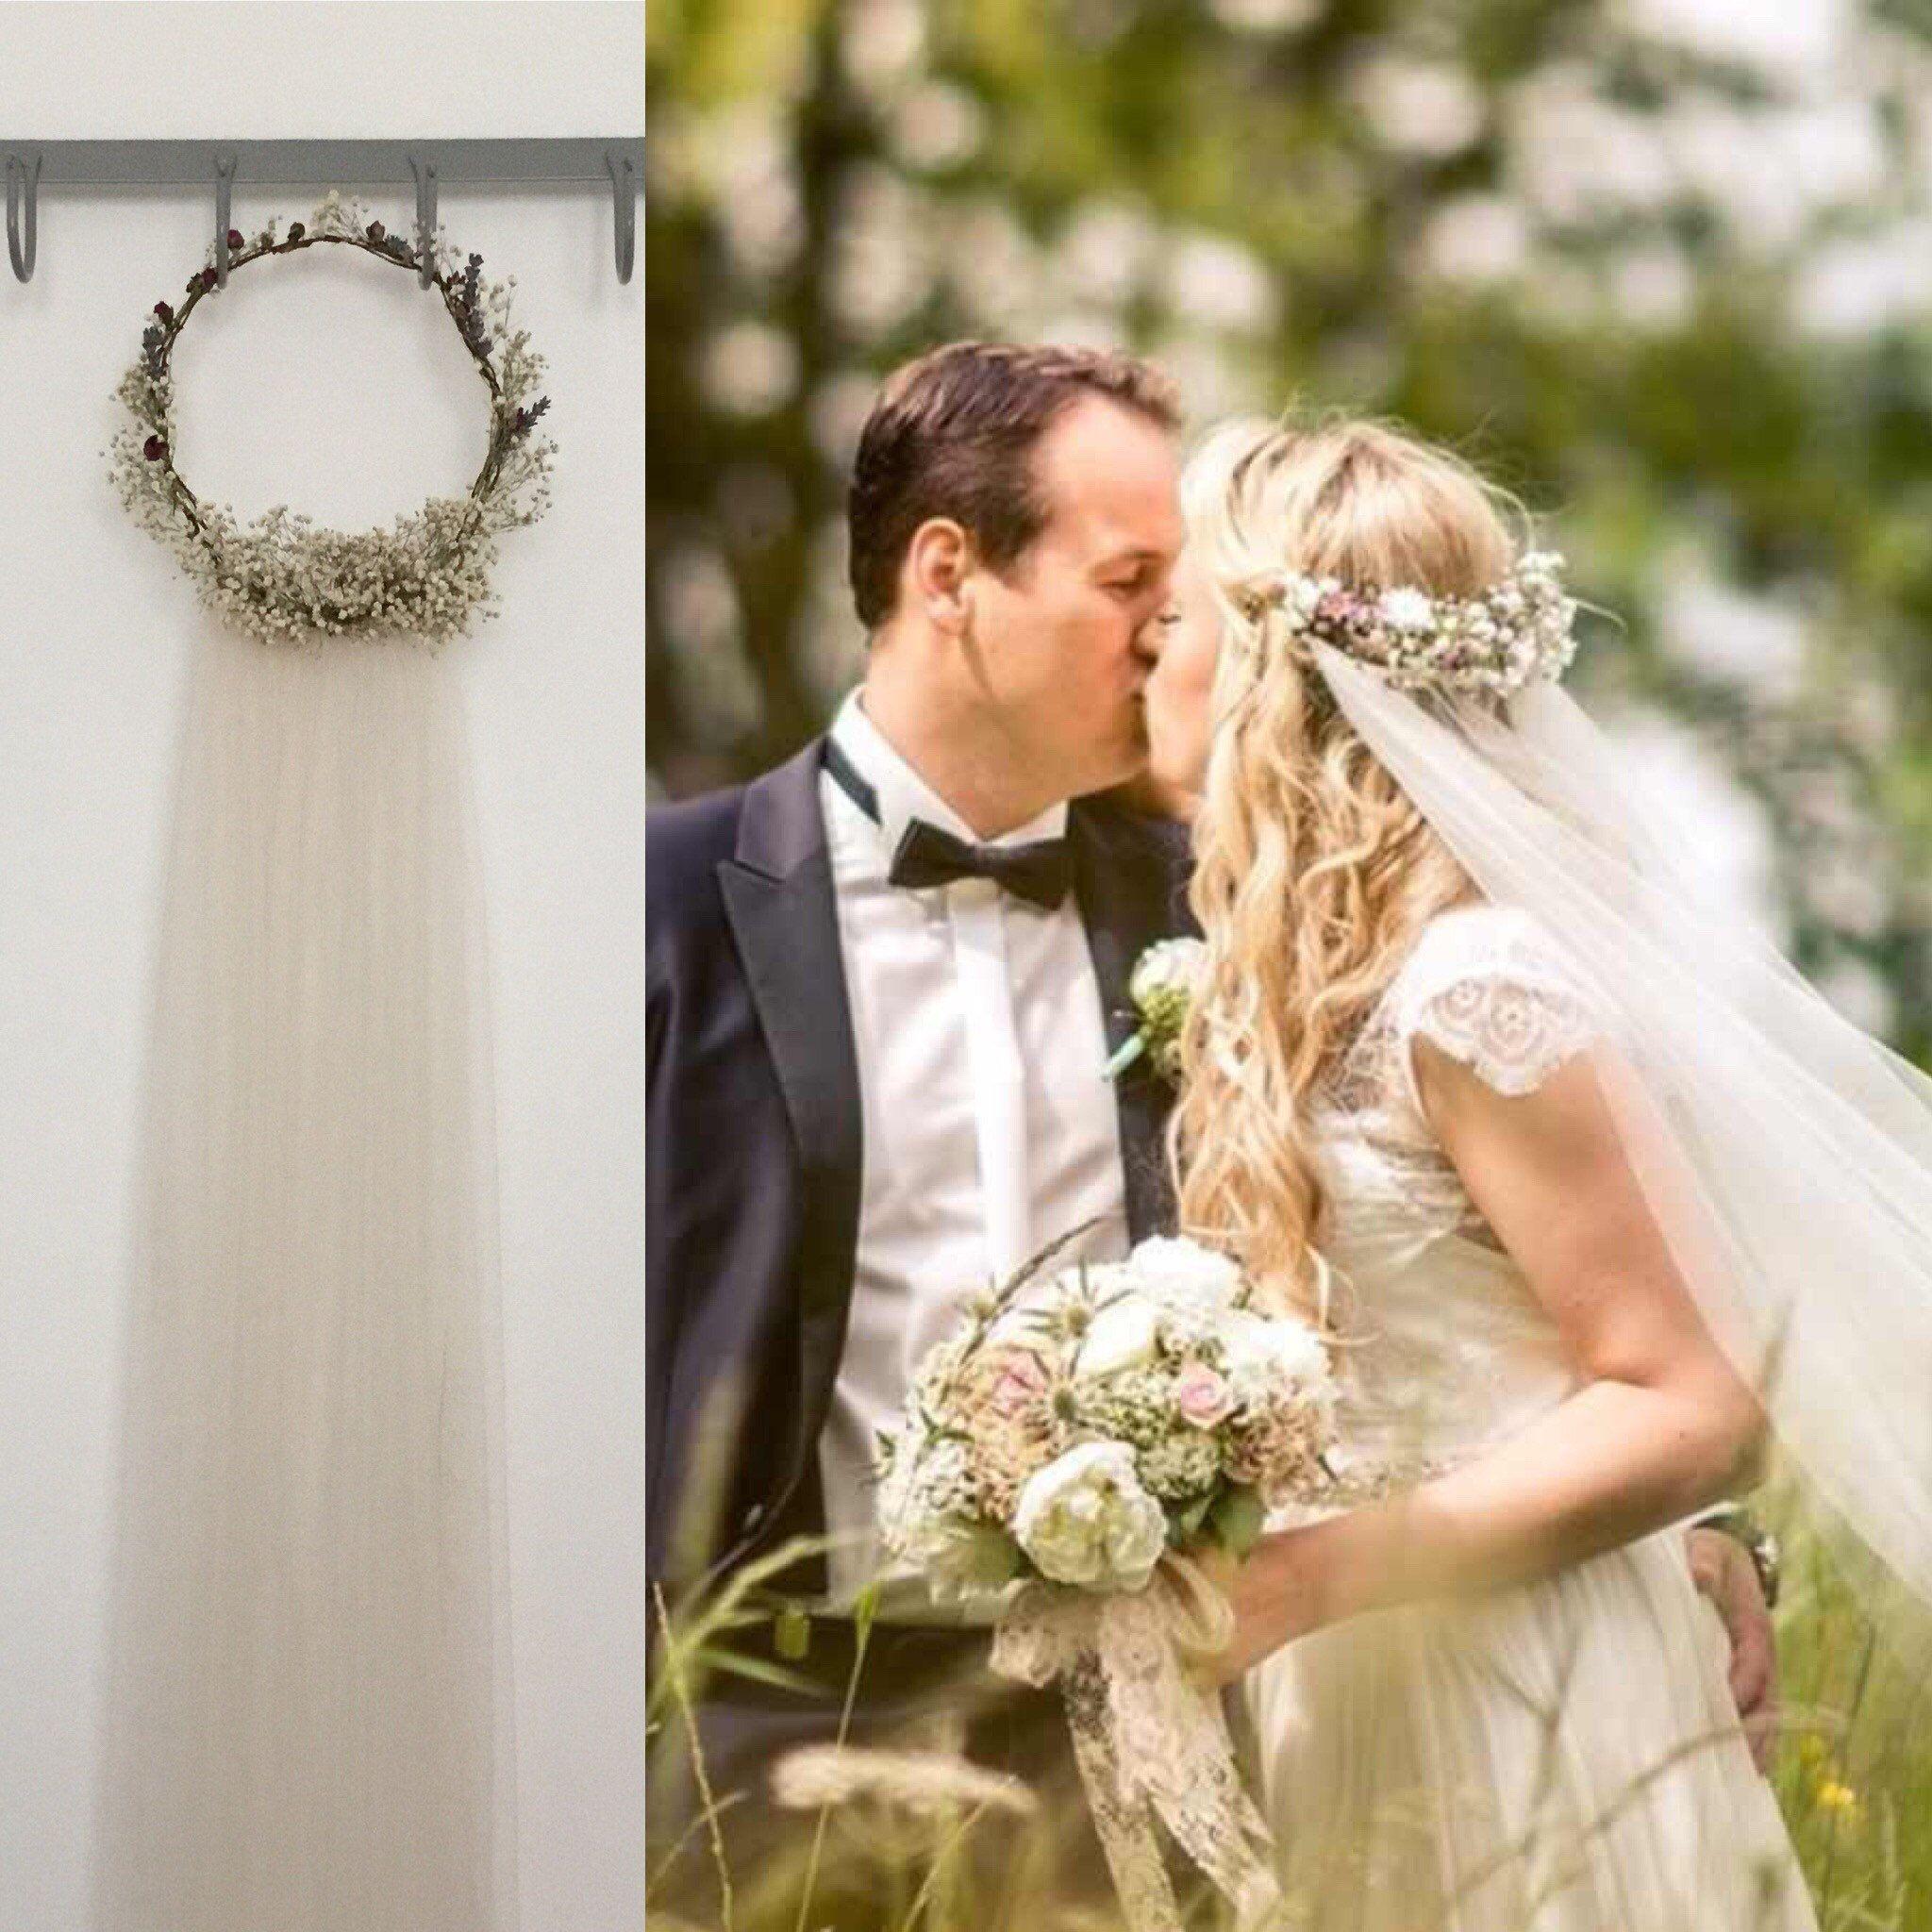 Flower crown wedding veils fingertip wedding veil short wedding flower crown wedding veils fingertip wedding veil short wedding veil izmirmasajfo